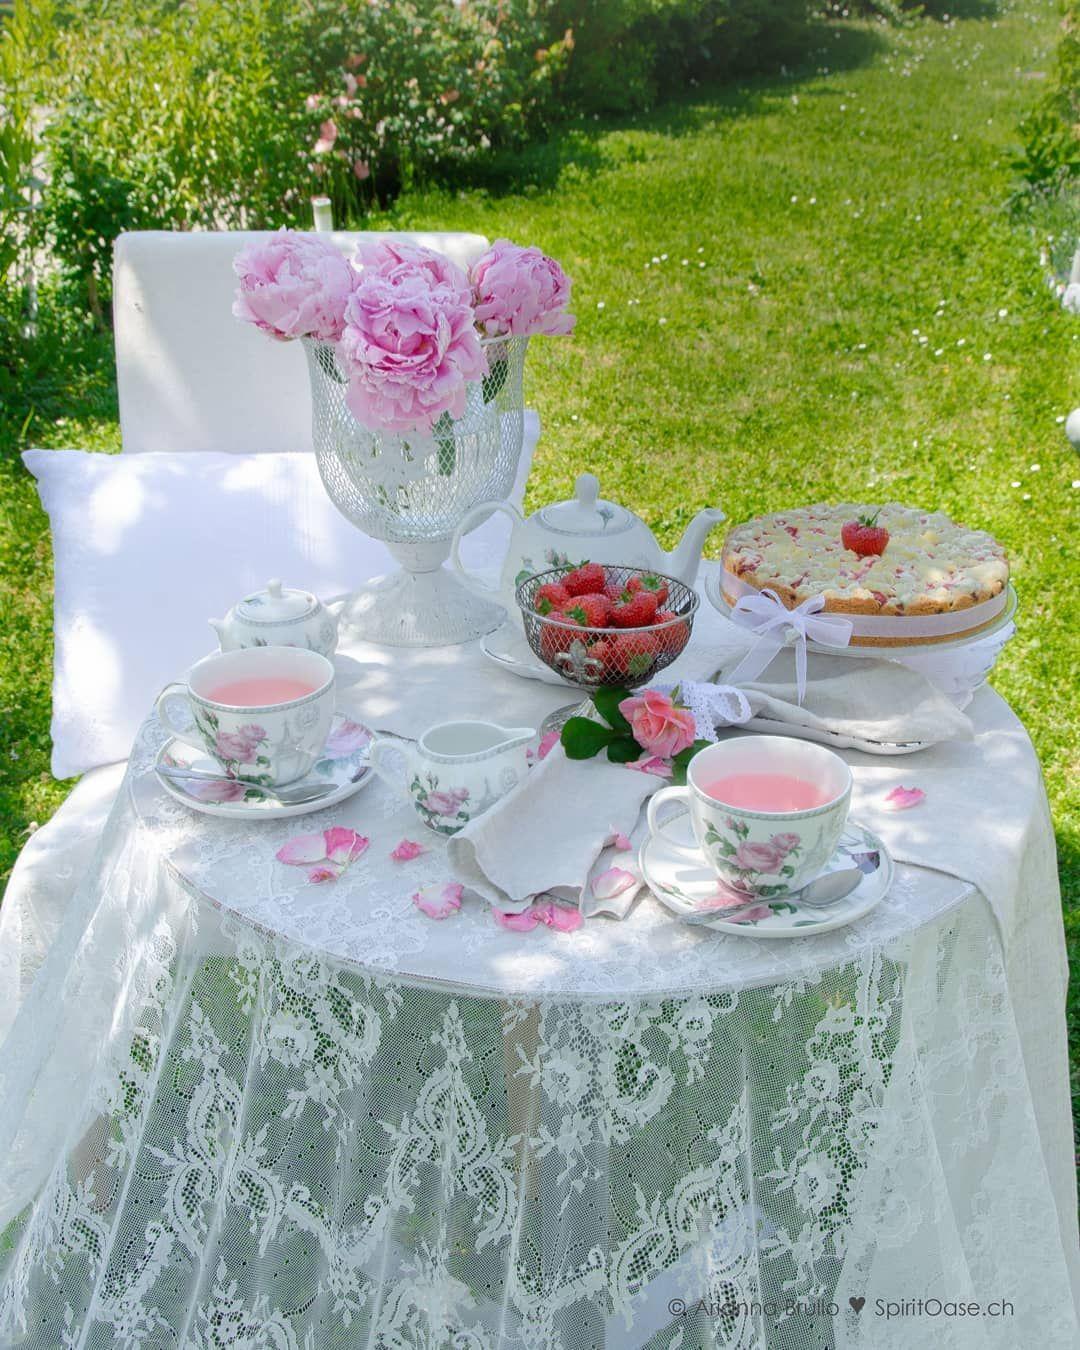 Schattenspendende Bäume....die Sonne, die unser Körper erwärmt und durch ihr Scheinen ein Lichtspiel inszeniert... wunderschöne Gärten und ein liebevoll gedeckter Tisch im Shabby Chic Look... der Duft von frischgebrühtem Rosen-Tee und selbstgebackenem Erdbeer-Limette Sträuselkuchen... Ein Traum ???? Lass ein wenig Romantik in Dein Leben fliessen. ????�% #gedecktertisch